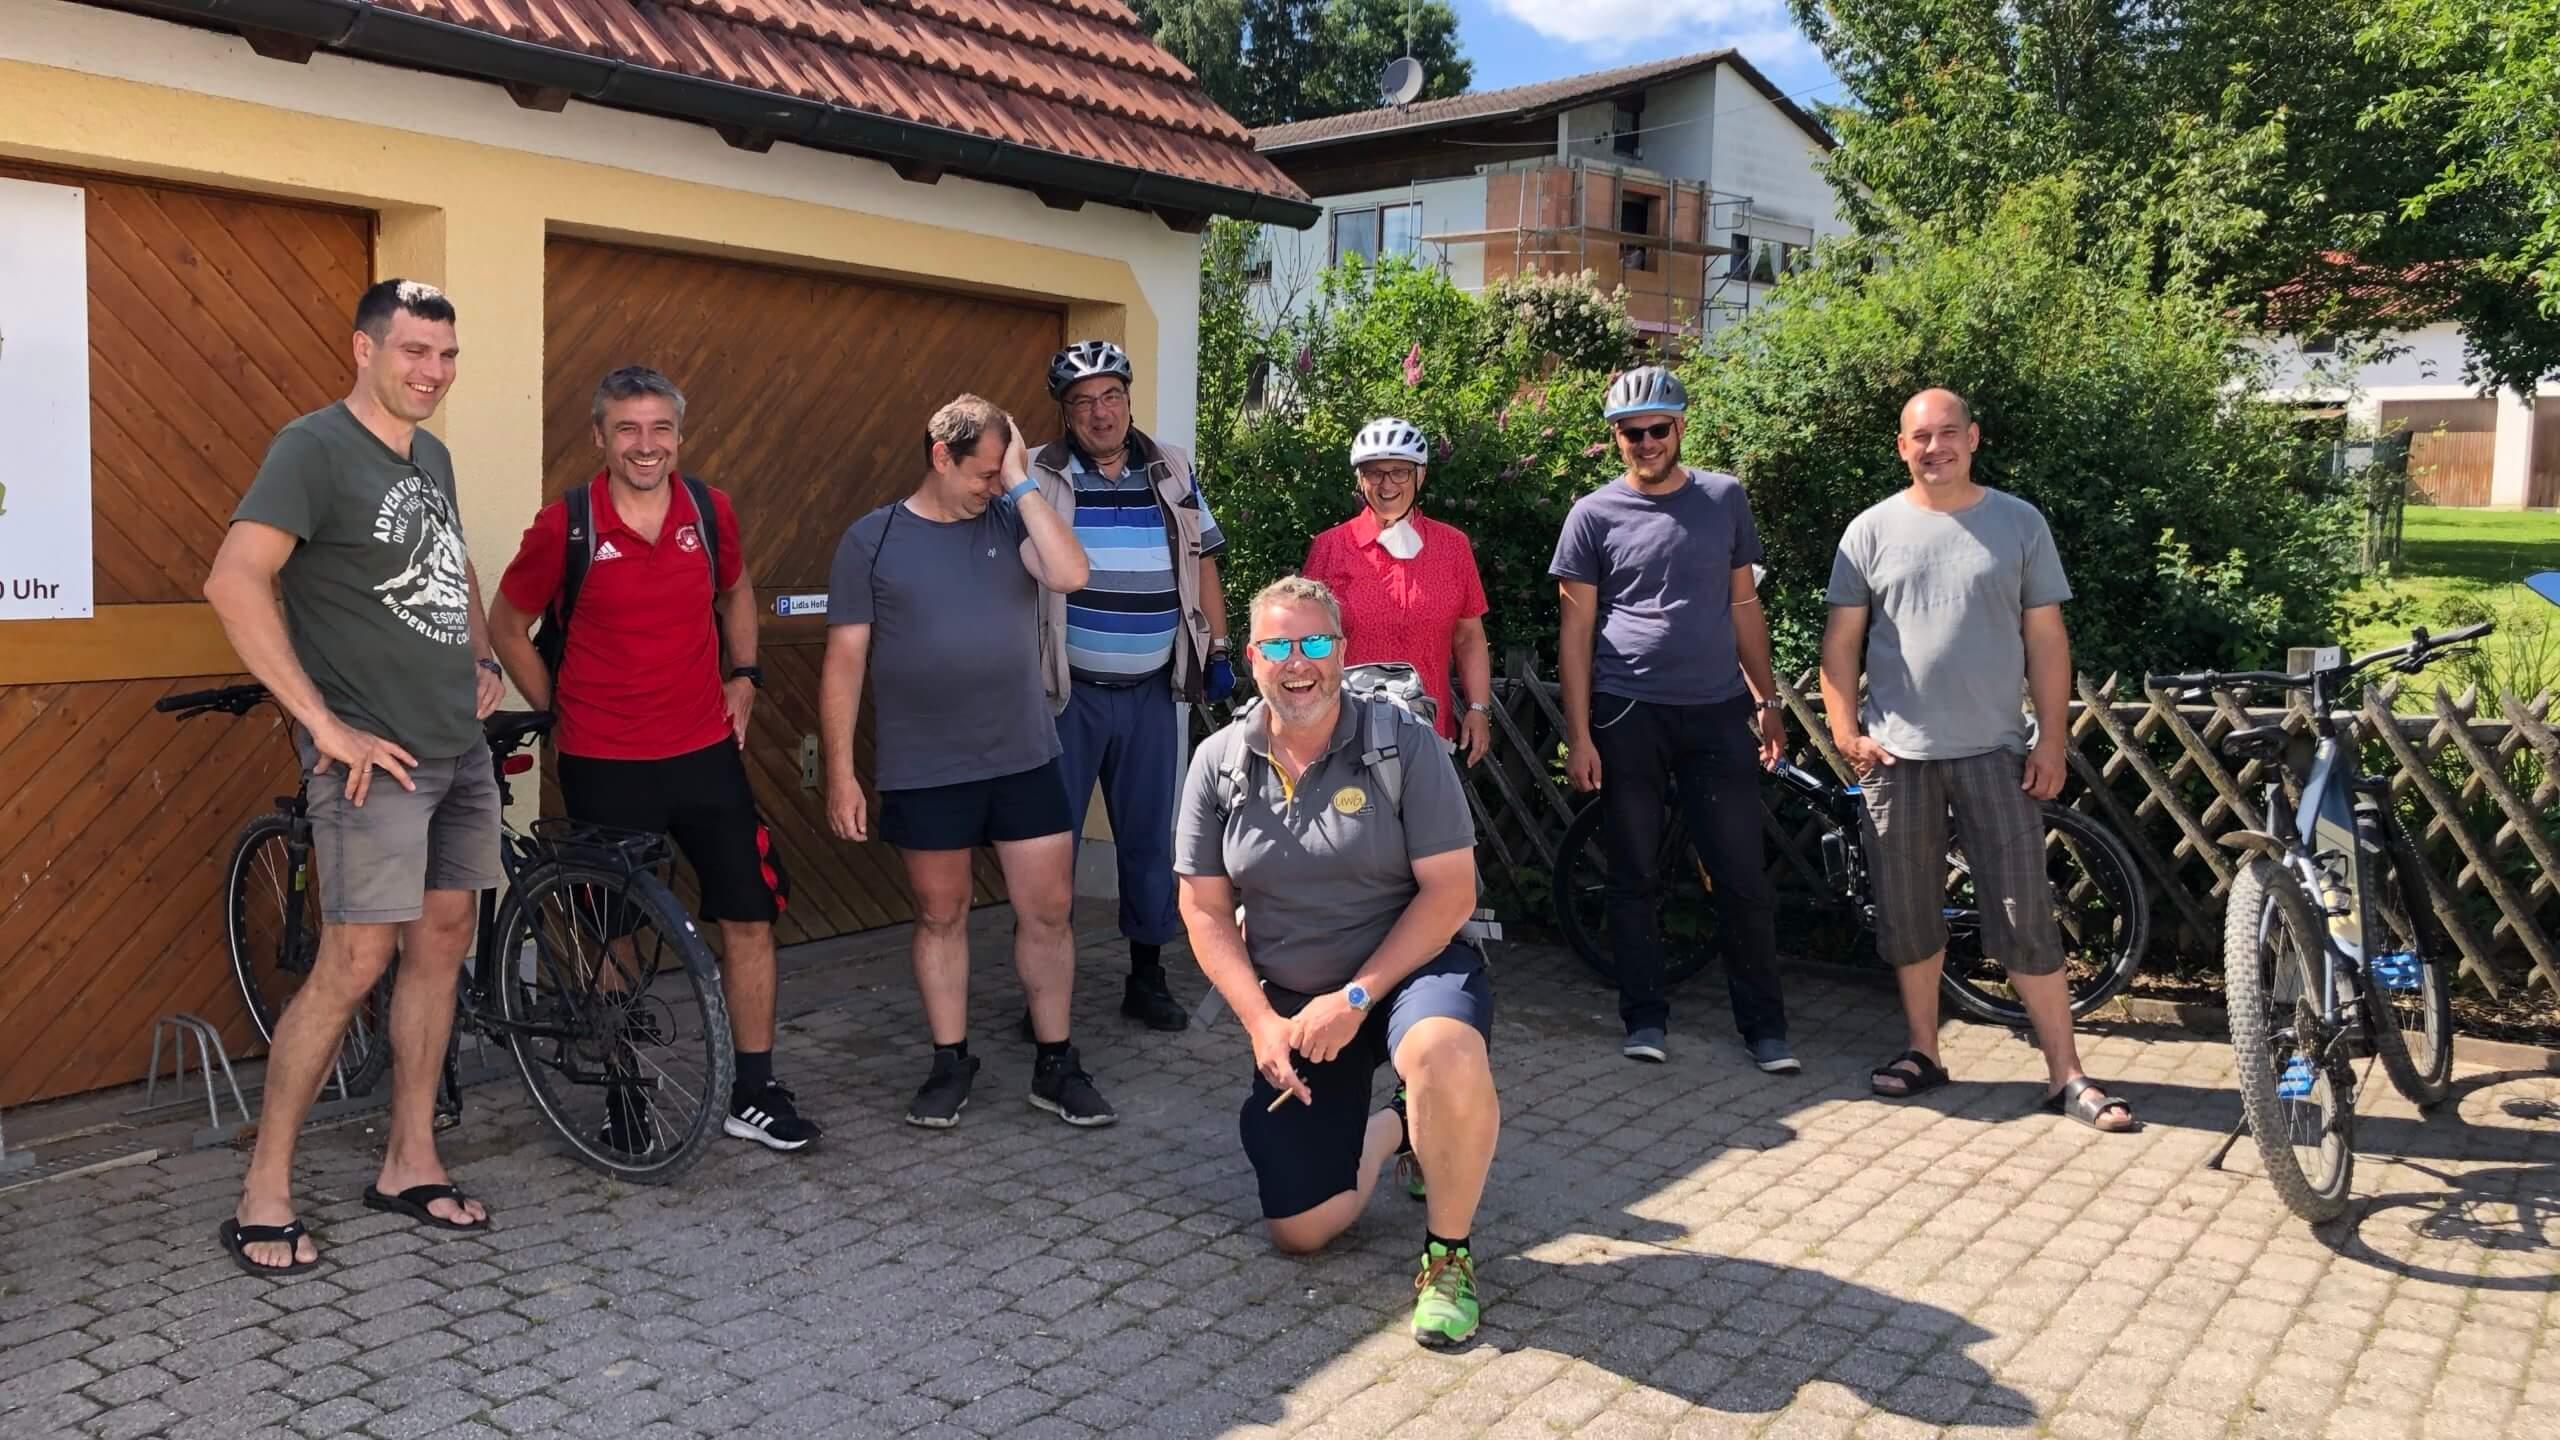 Team UWG Stadtradeln